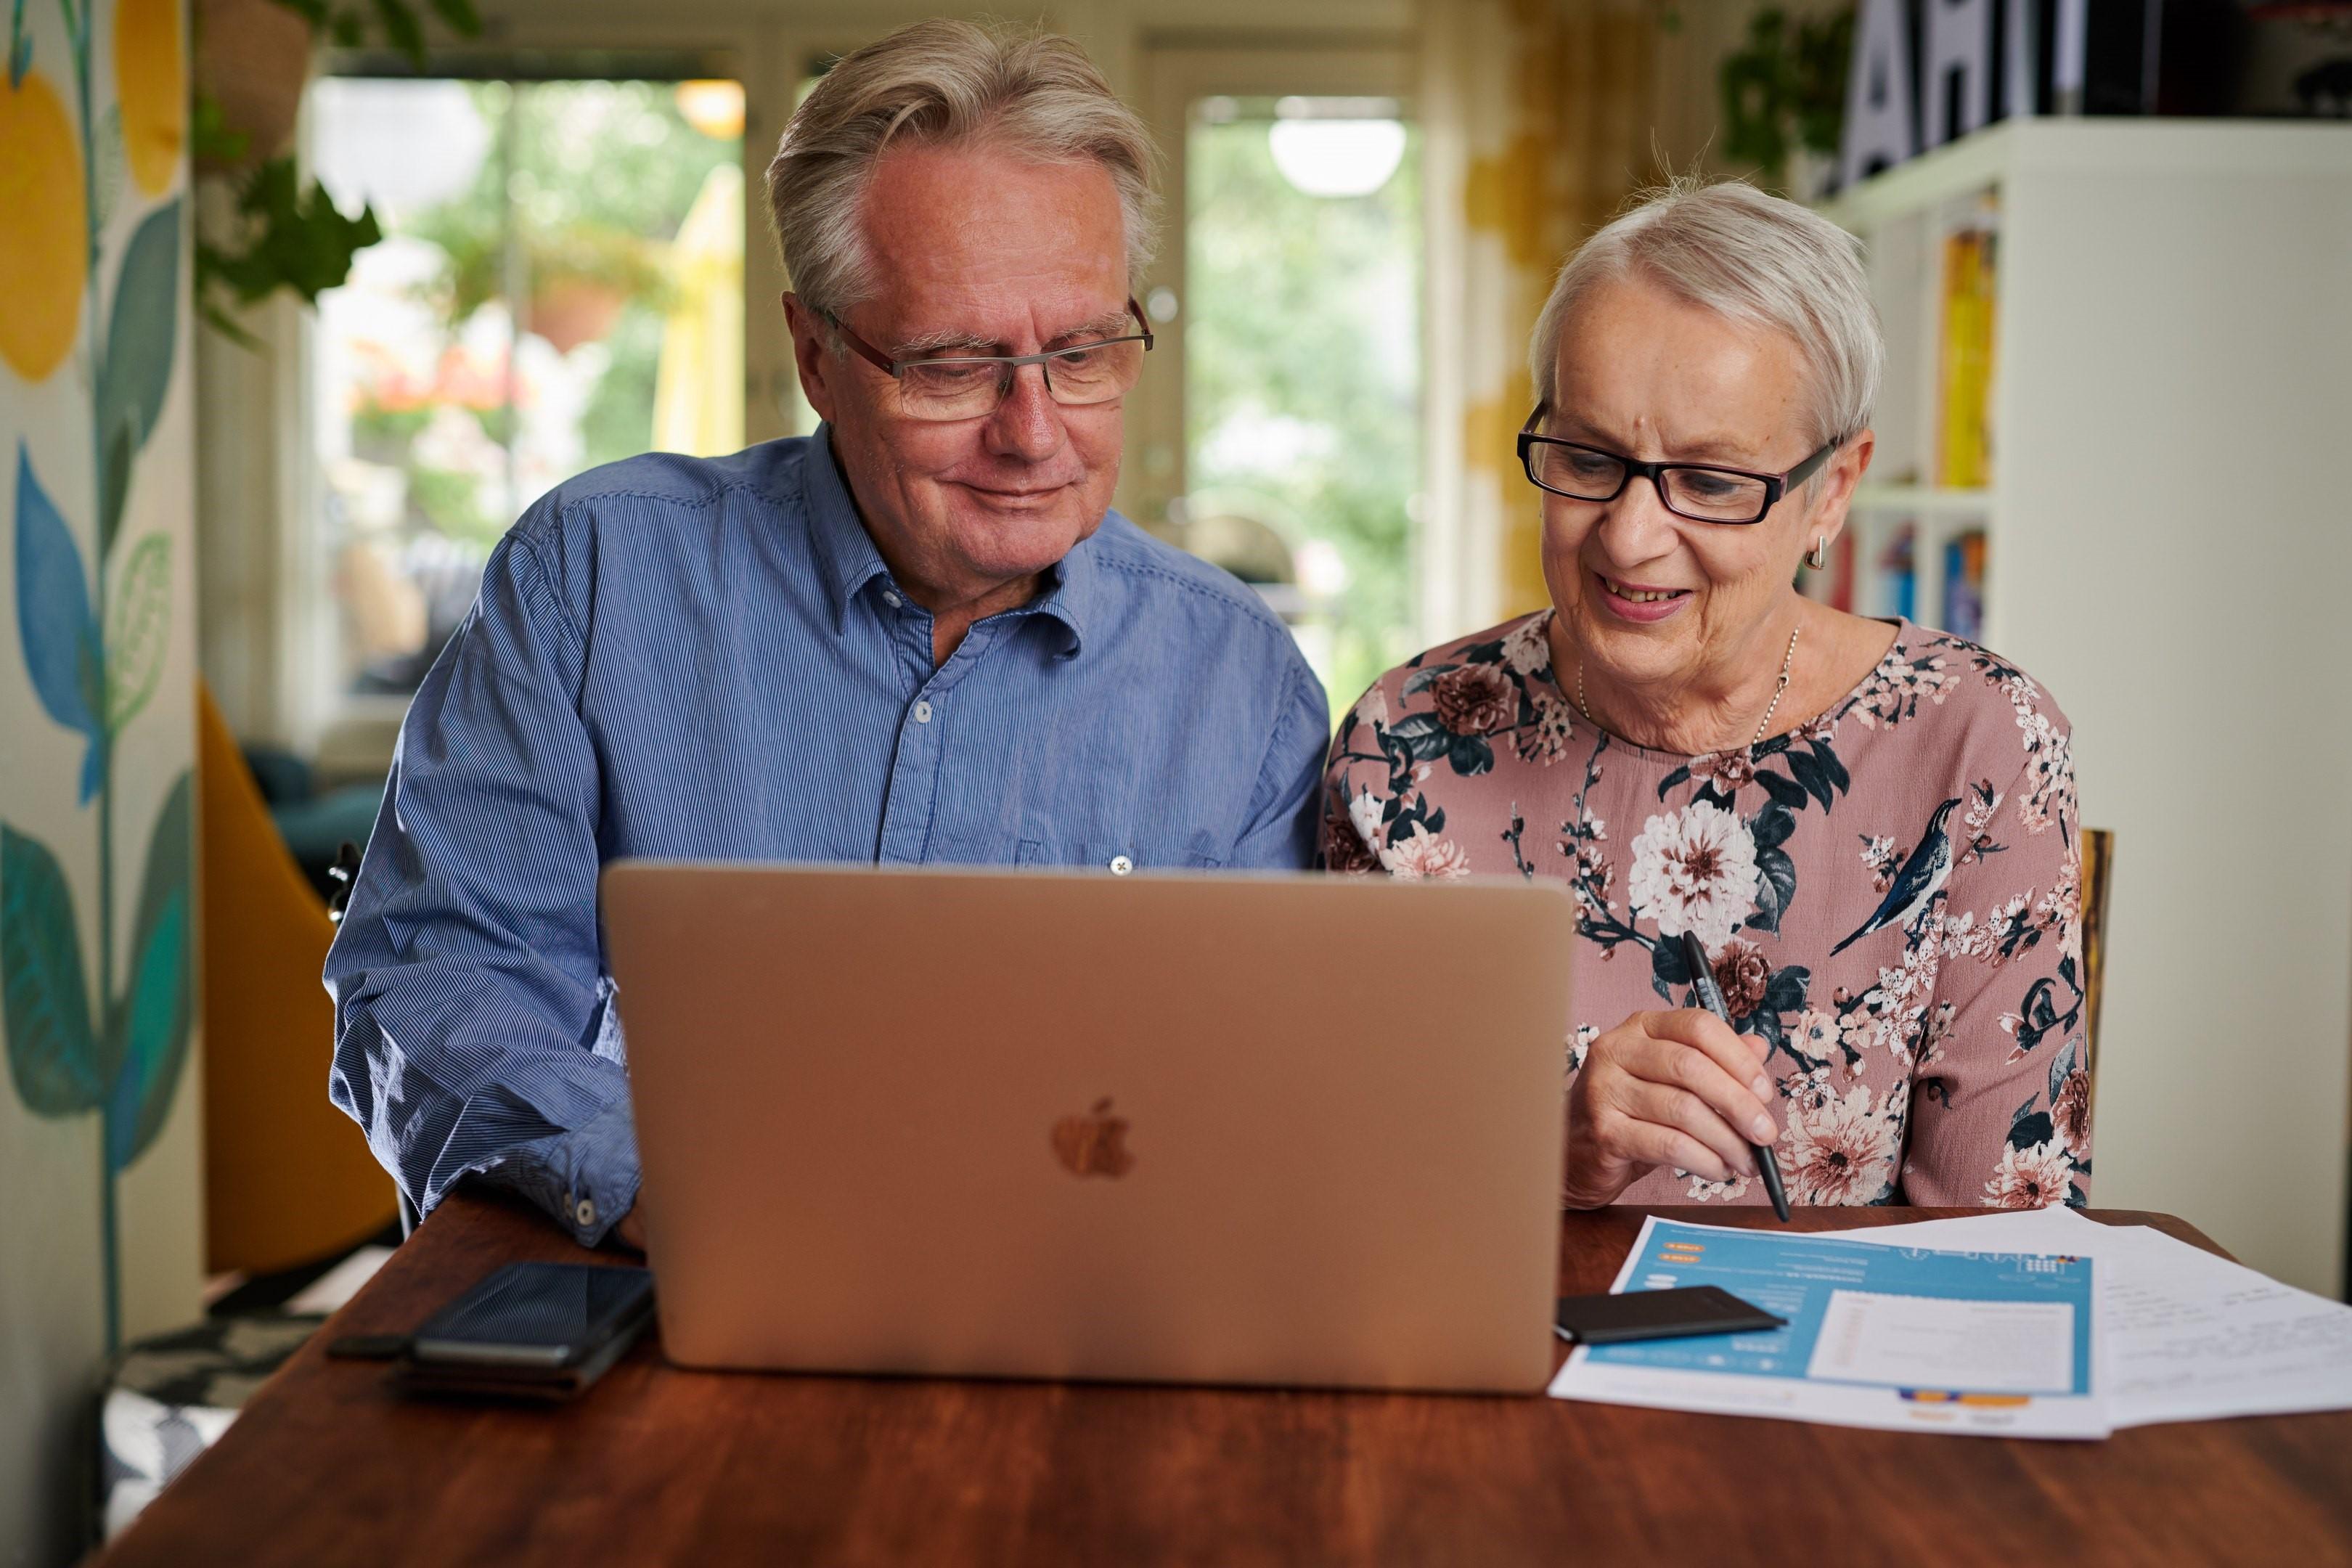 Myös viisikymppiset alkavat havahtua: varautuminen vanhuuteen on välttämätön kansalaistaito